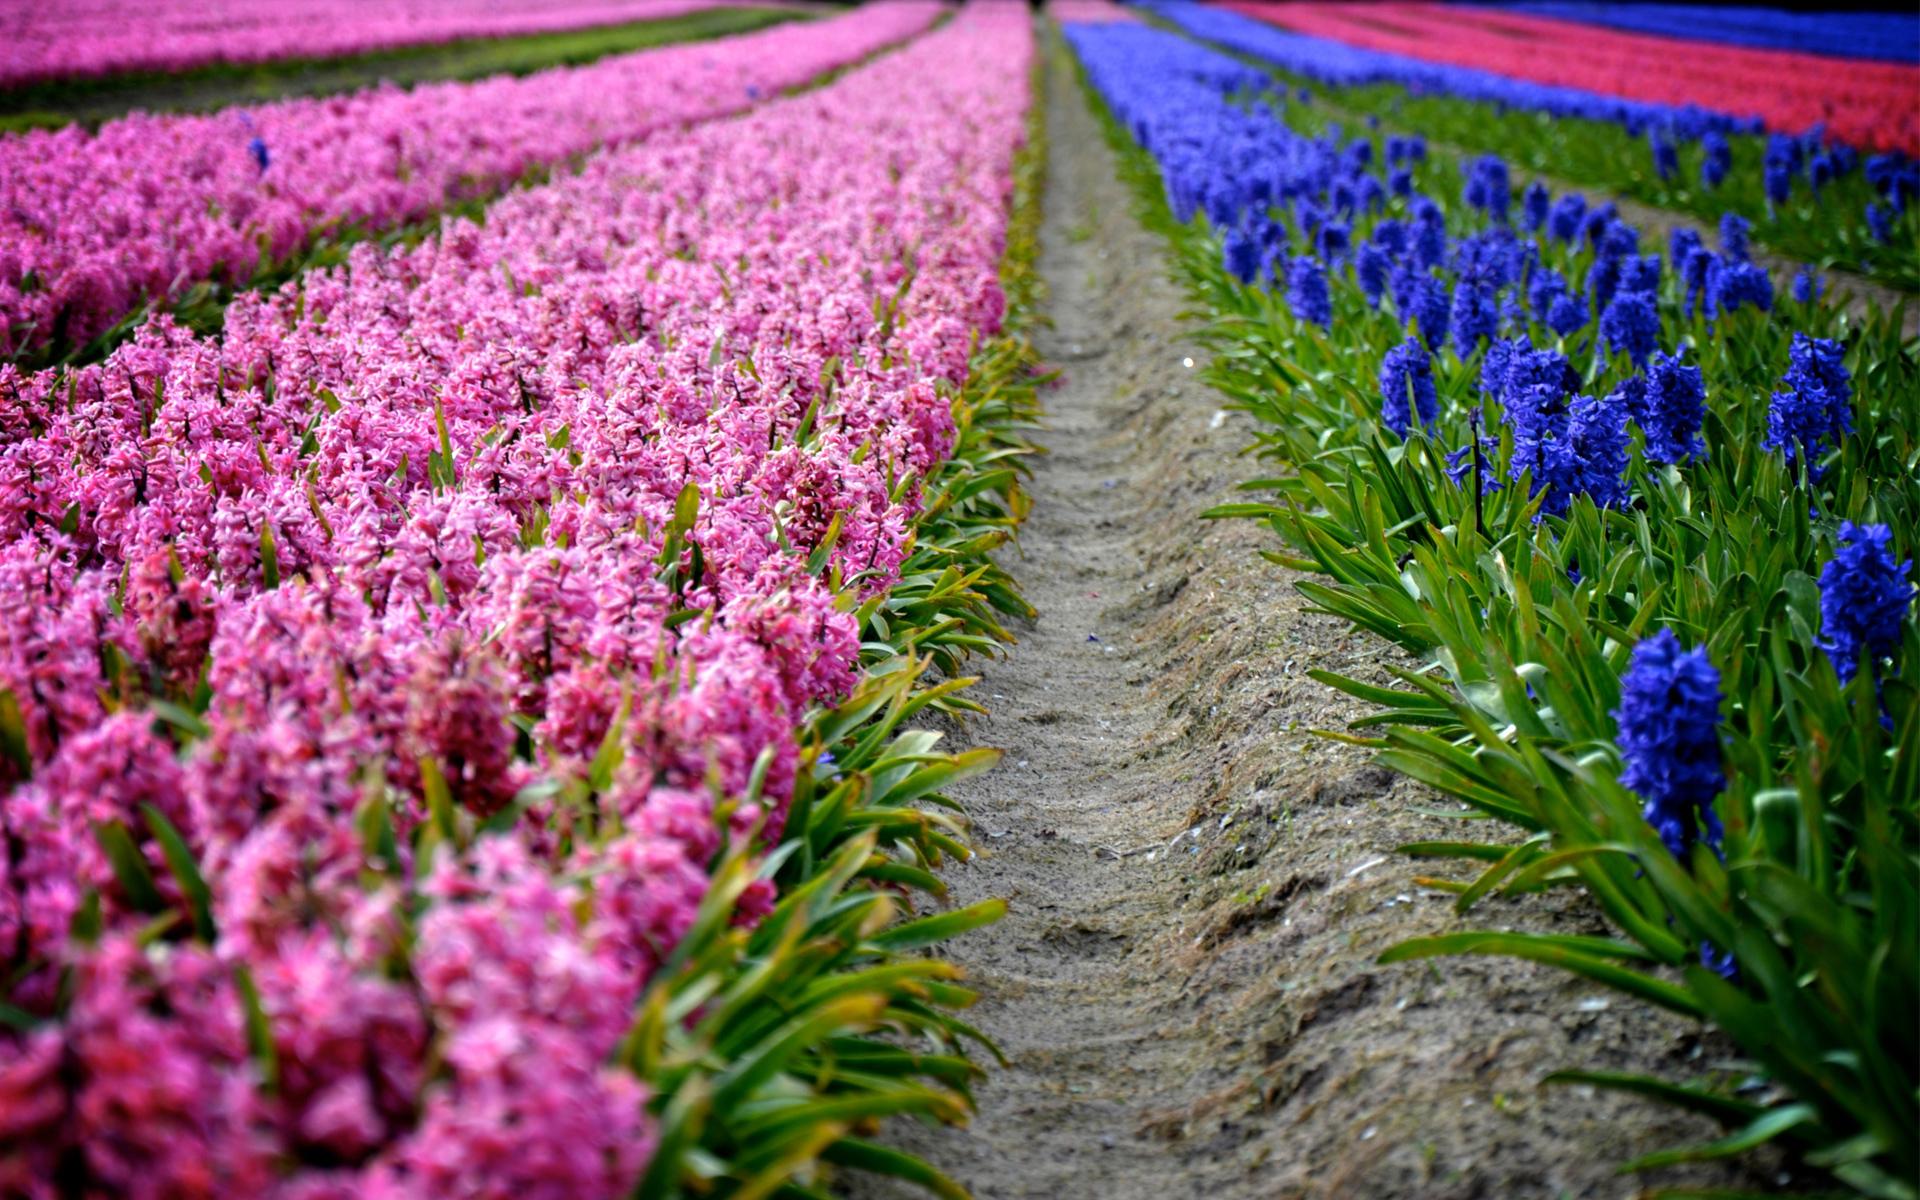 Spring Wallpaper Widescreen HD - WallpaperSafari